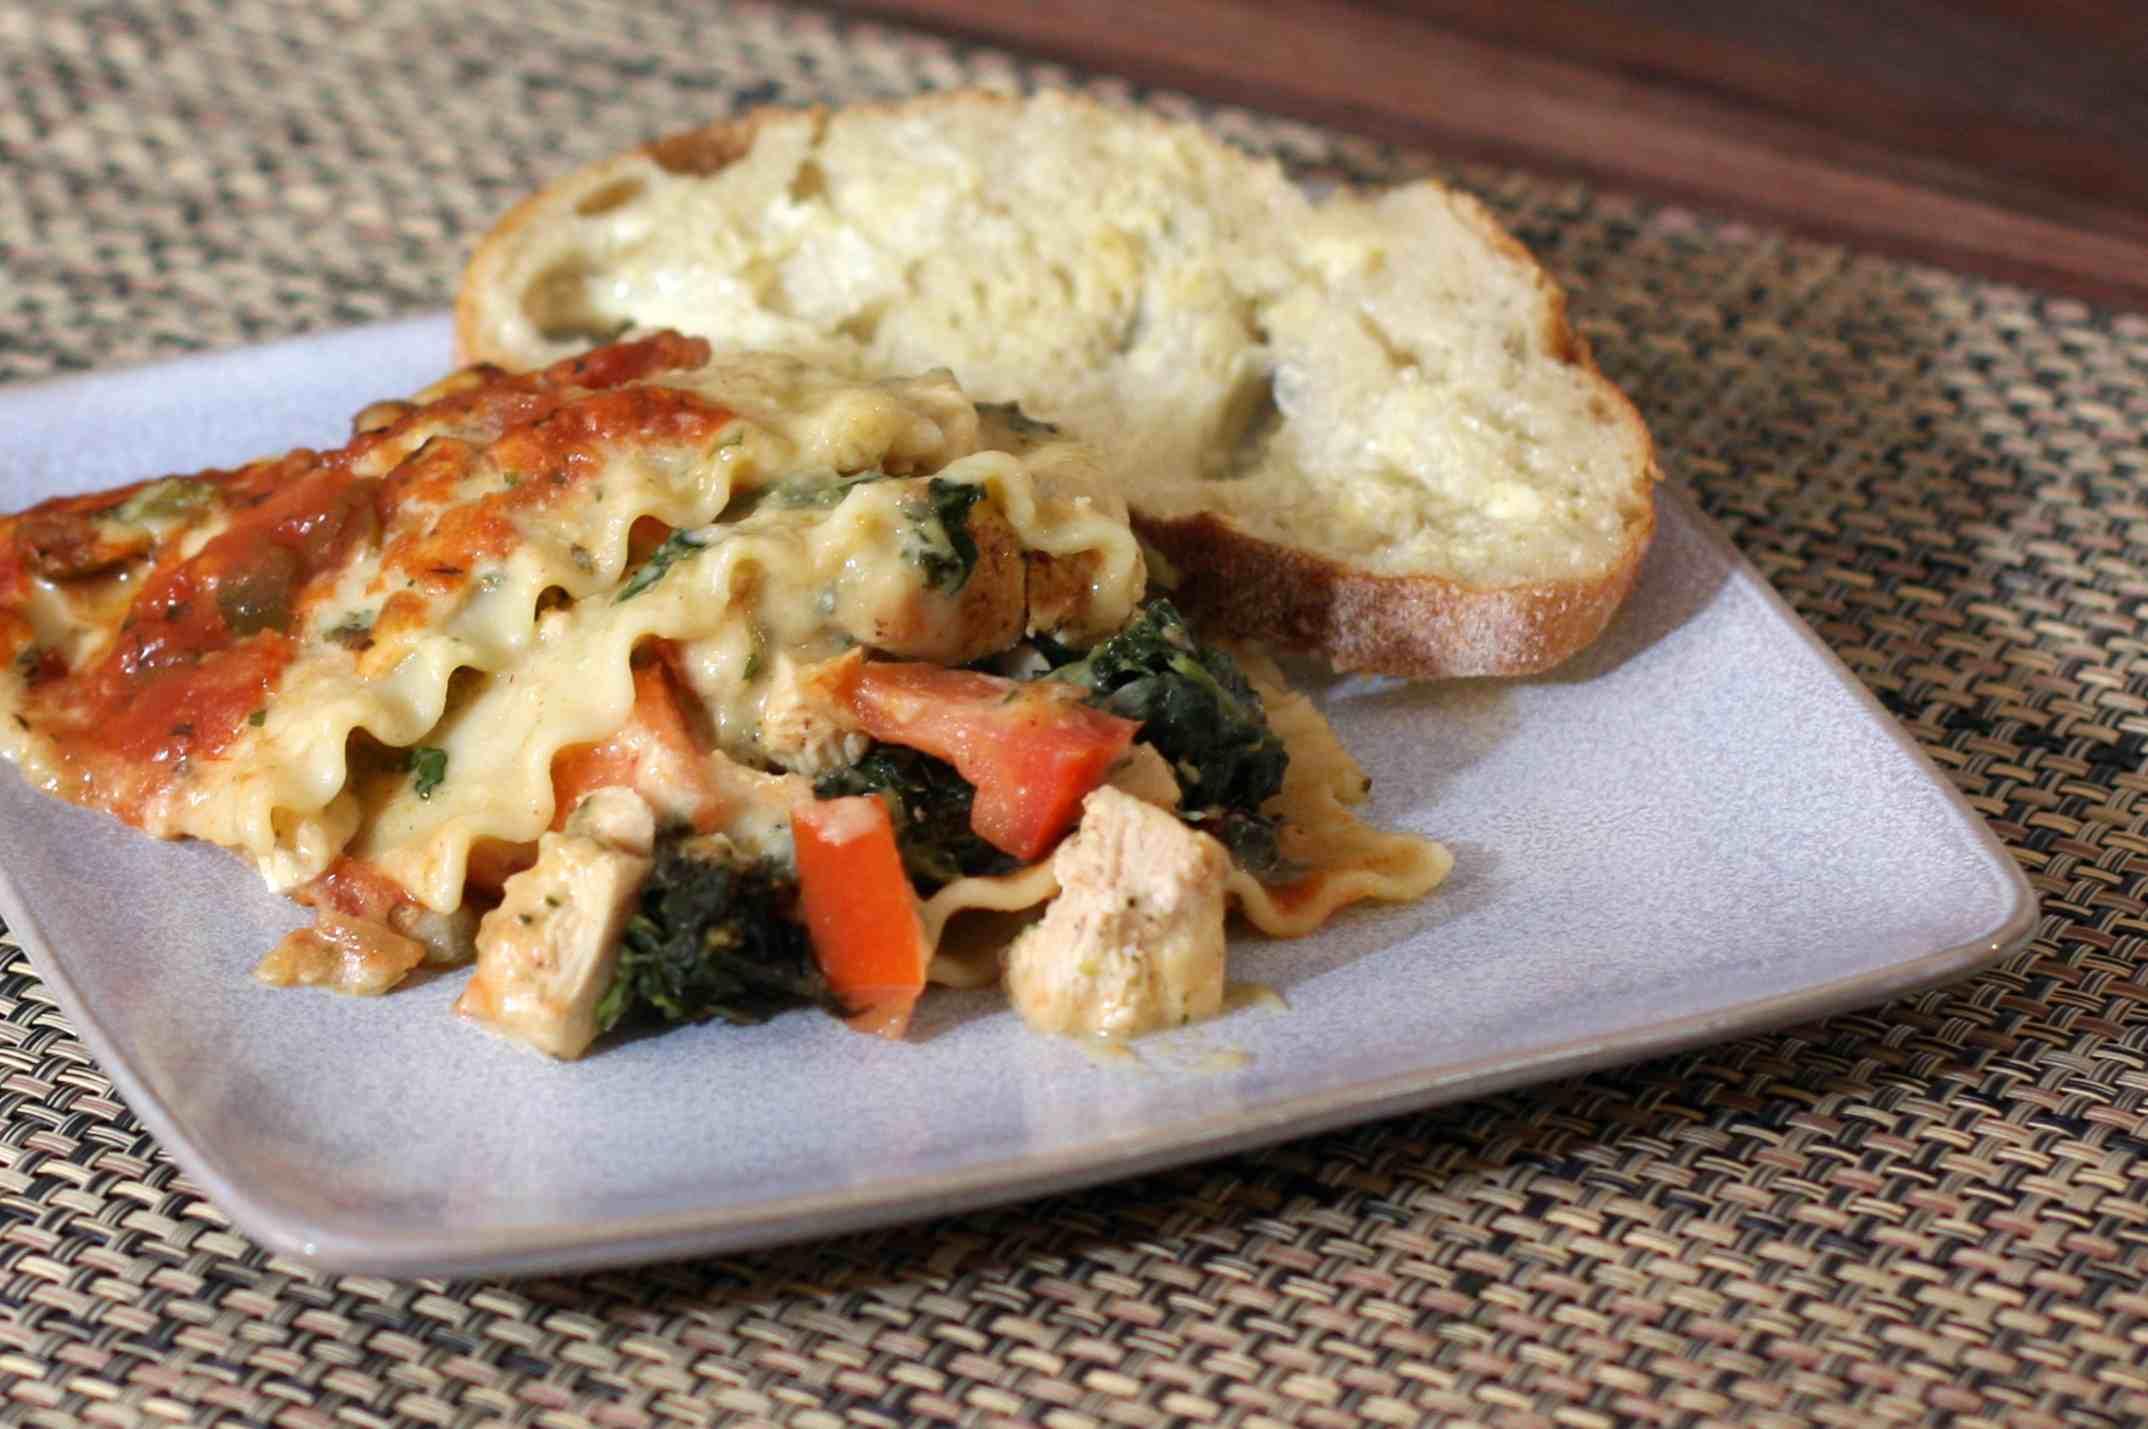 Chicken Lasagna With Tex-Mex Flavors